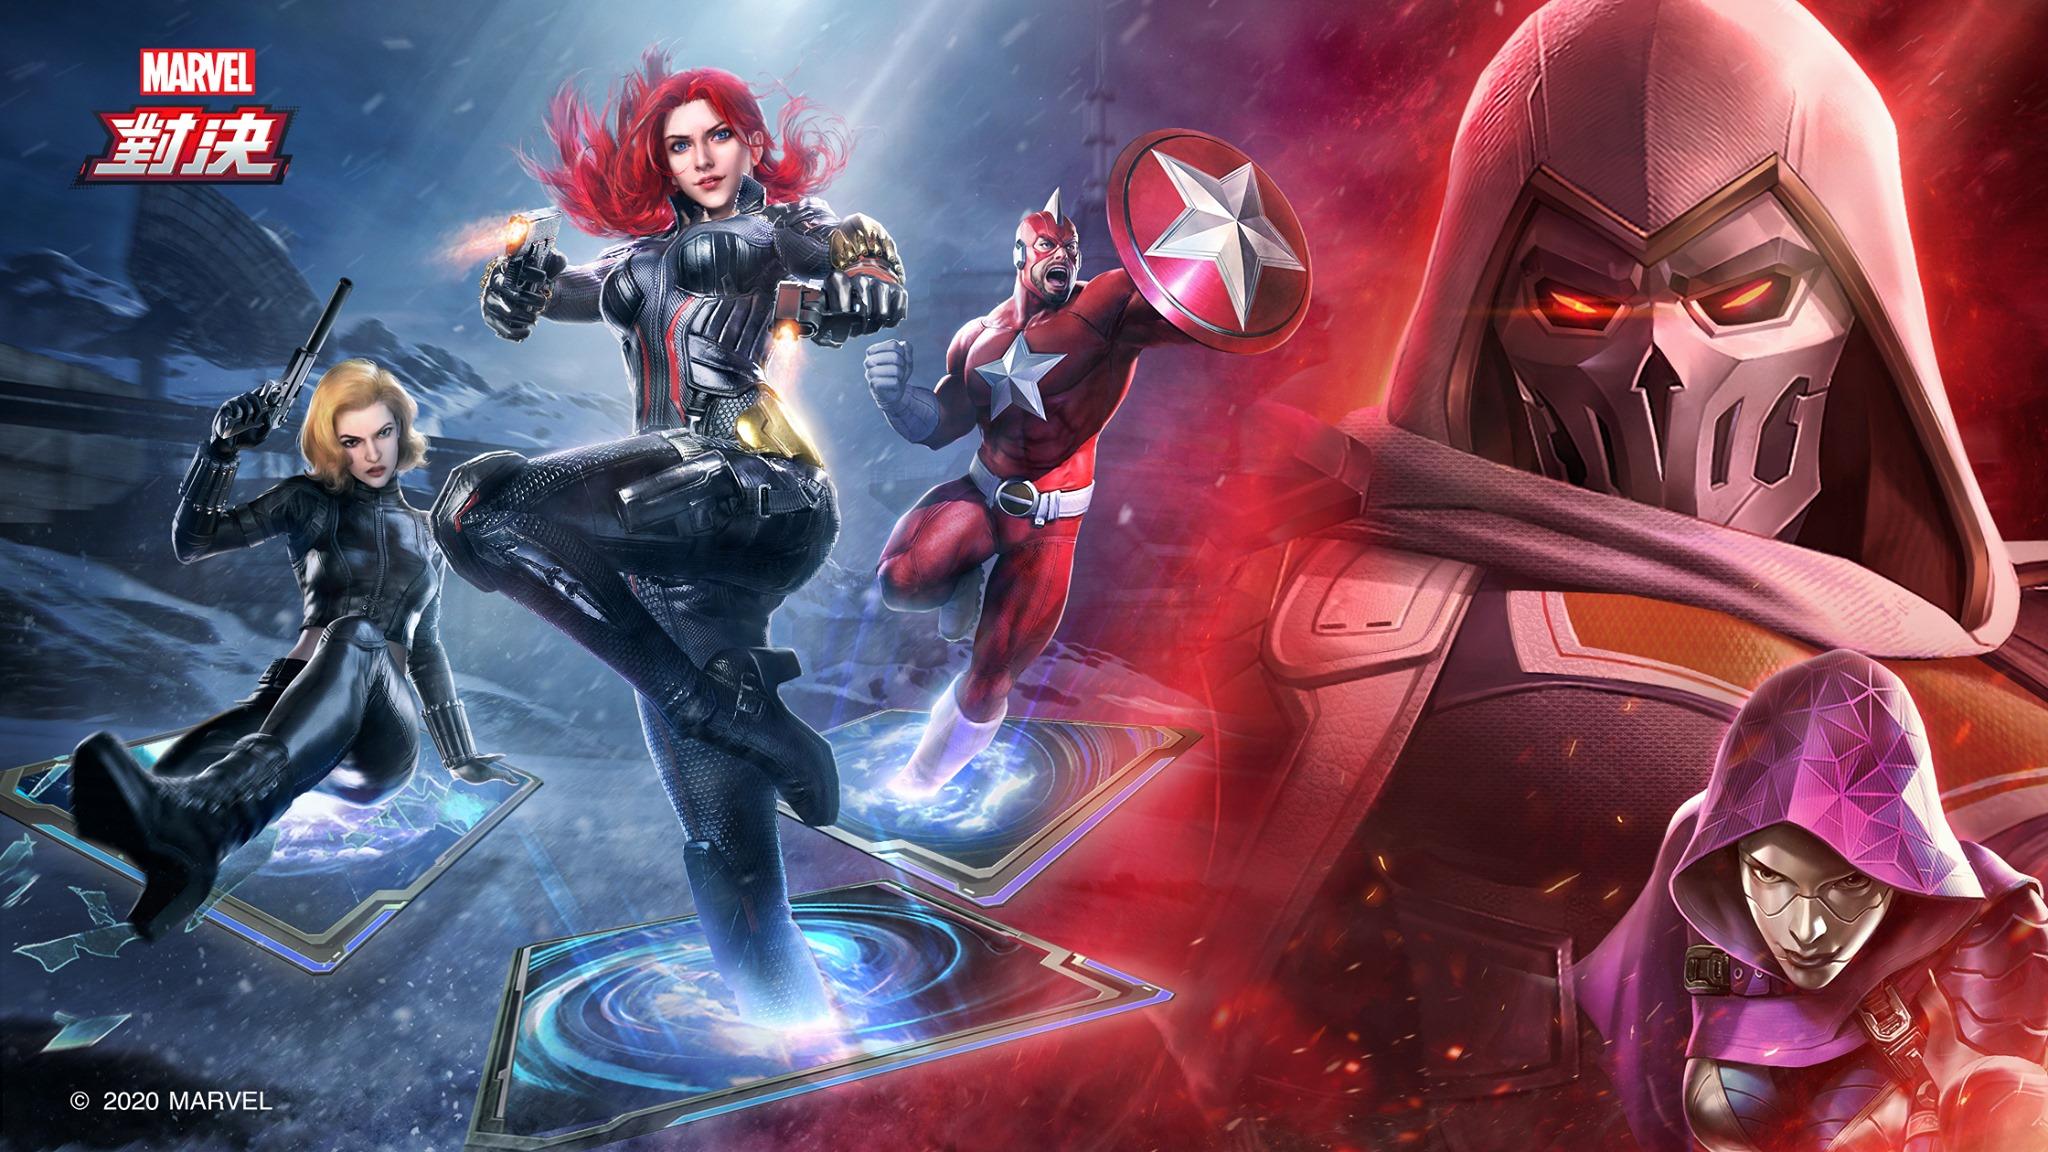 《漫威對決》全新英雄「黑寡婦」帶領特工陣營強勢登場